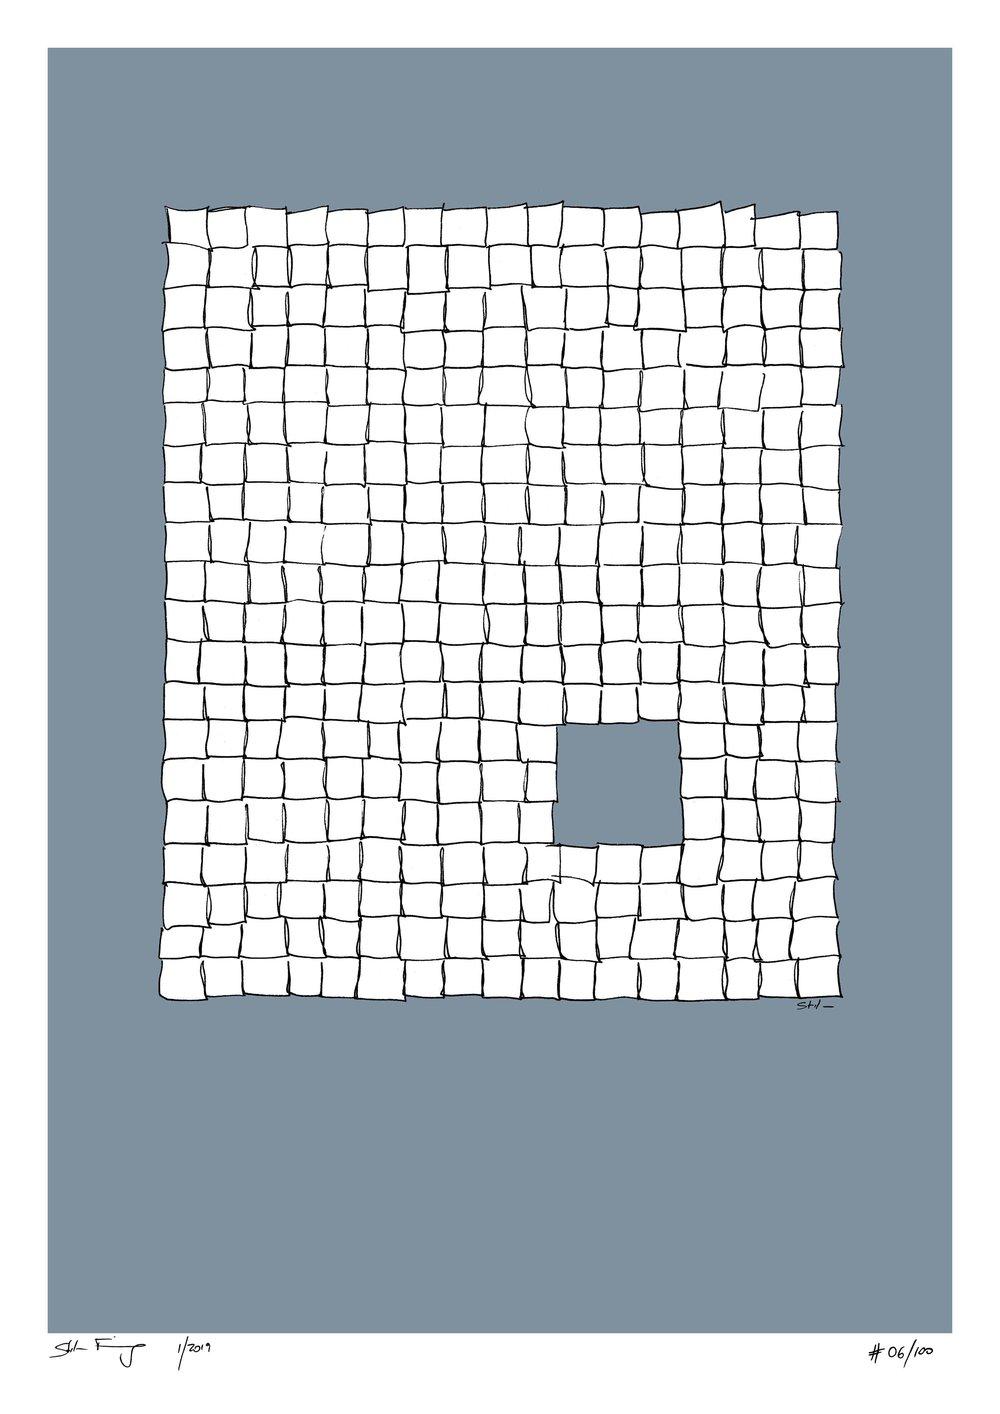 Blue Bee Gallery - Glimpse - Stefan Finsinger